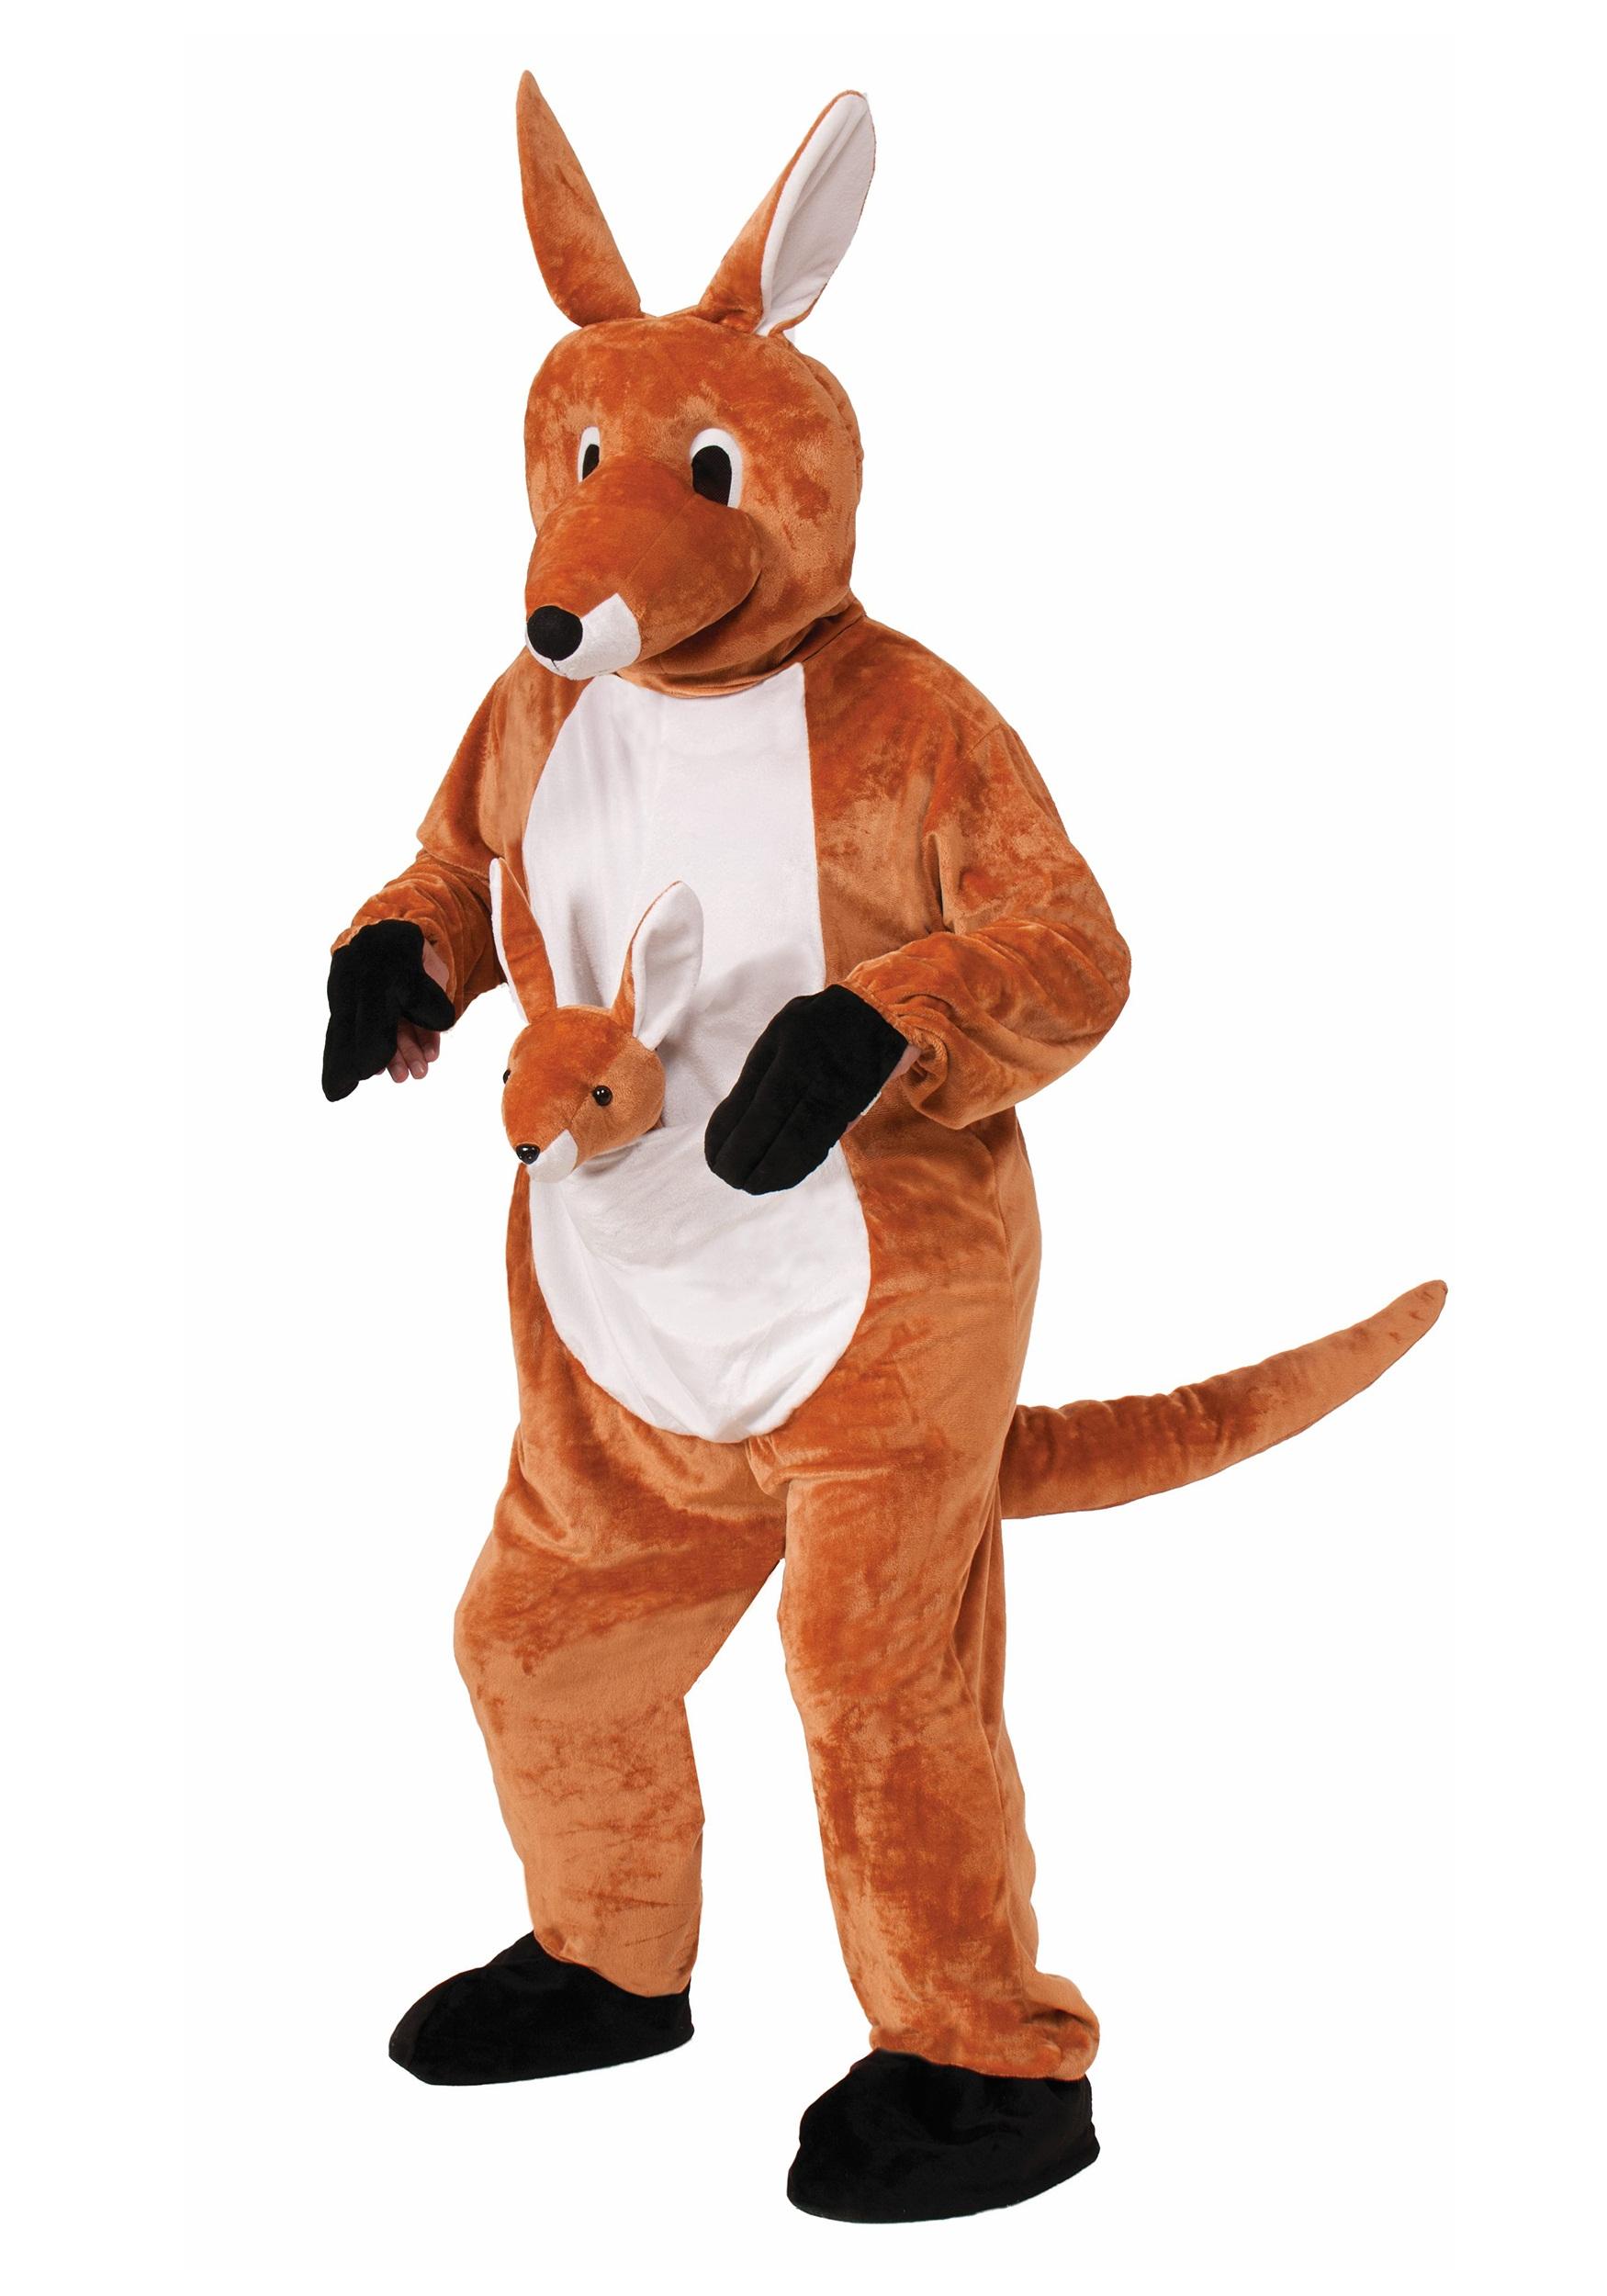 Kangaroo costume - photo#4